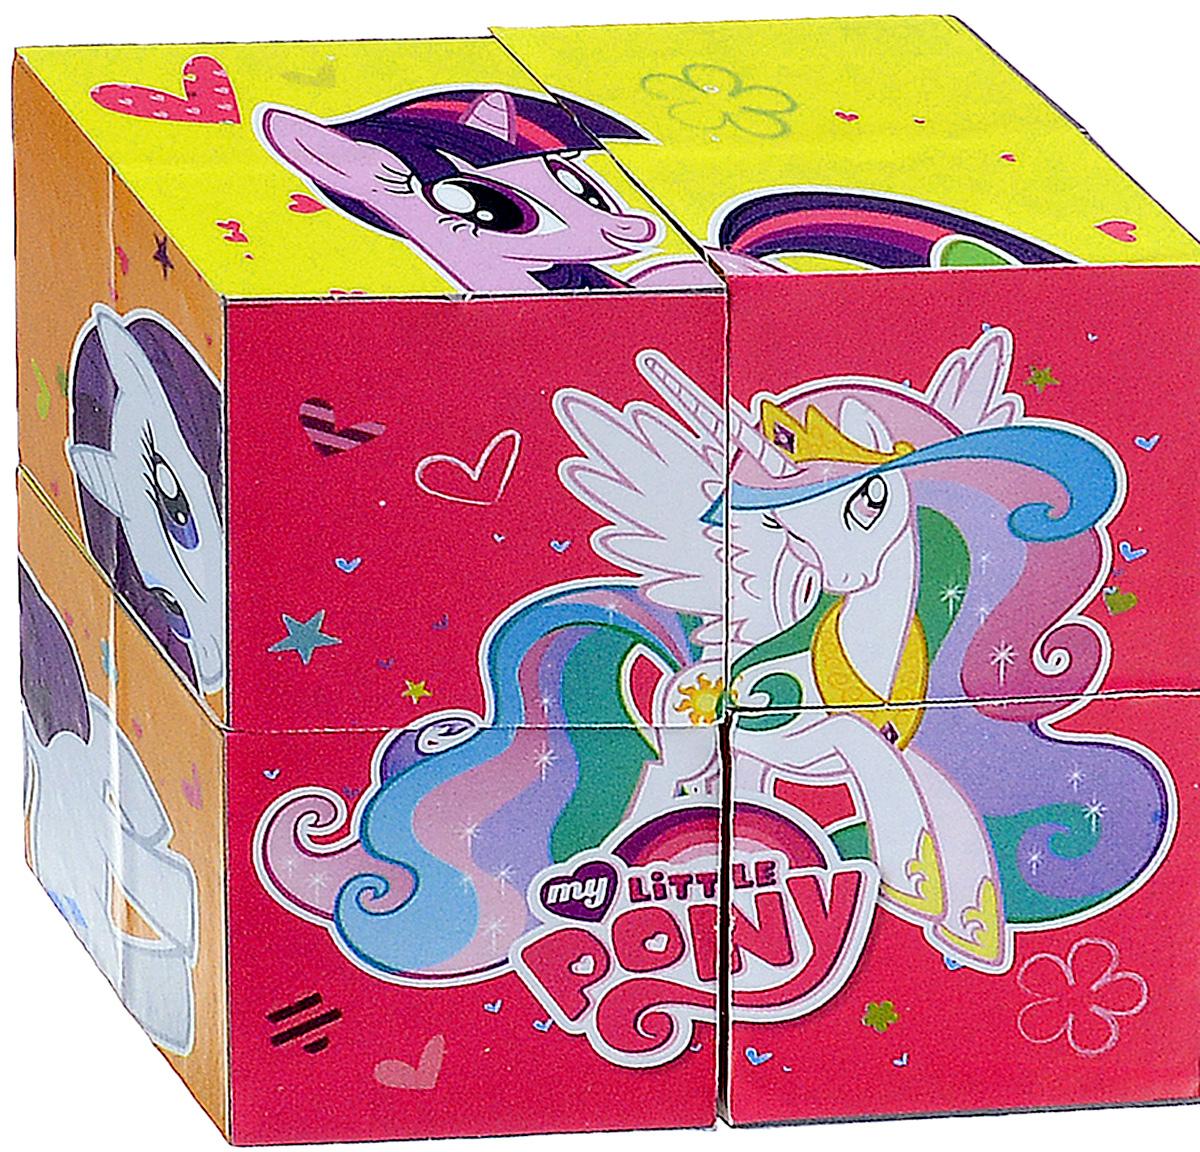 Играем вместе Кубики My Little Pony 0110401104С помощью четырех кубиков Играем вместе My Little Pony ребенок сможет собрать целых шесть красочных картинок с изображением сюжетов из любимого мультфильма. Кубики - самая популярная и самая необходимая игрушка для малыша. Игра с кубиками развивает зрительное восприятие, наблюдательность и внимание, мелкую моторику рук и произвольные движения. Ребенок научится складывать целостный образ из частей, определять недостающие детали изображения. Это прекрасный комплект для развлечения и времяпрепровождения с пользой для малыша.